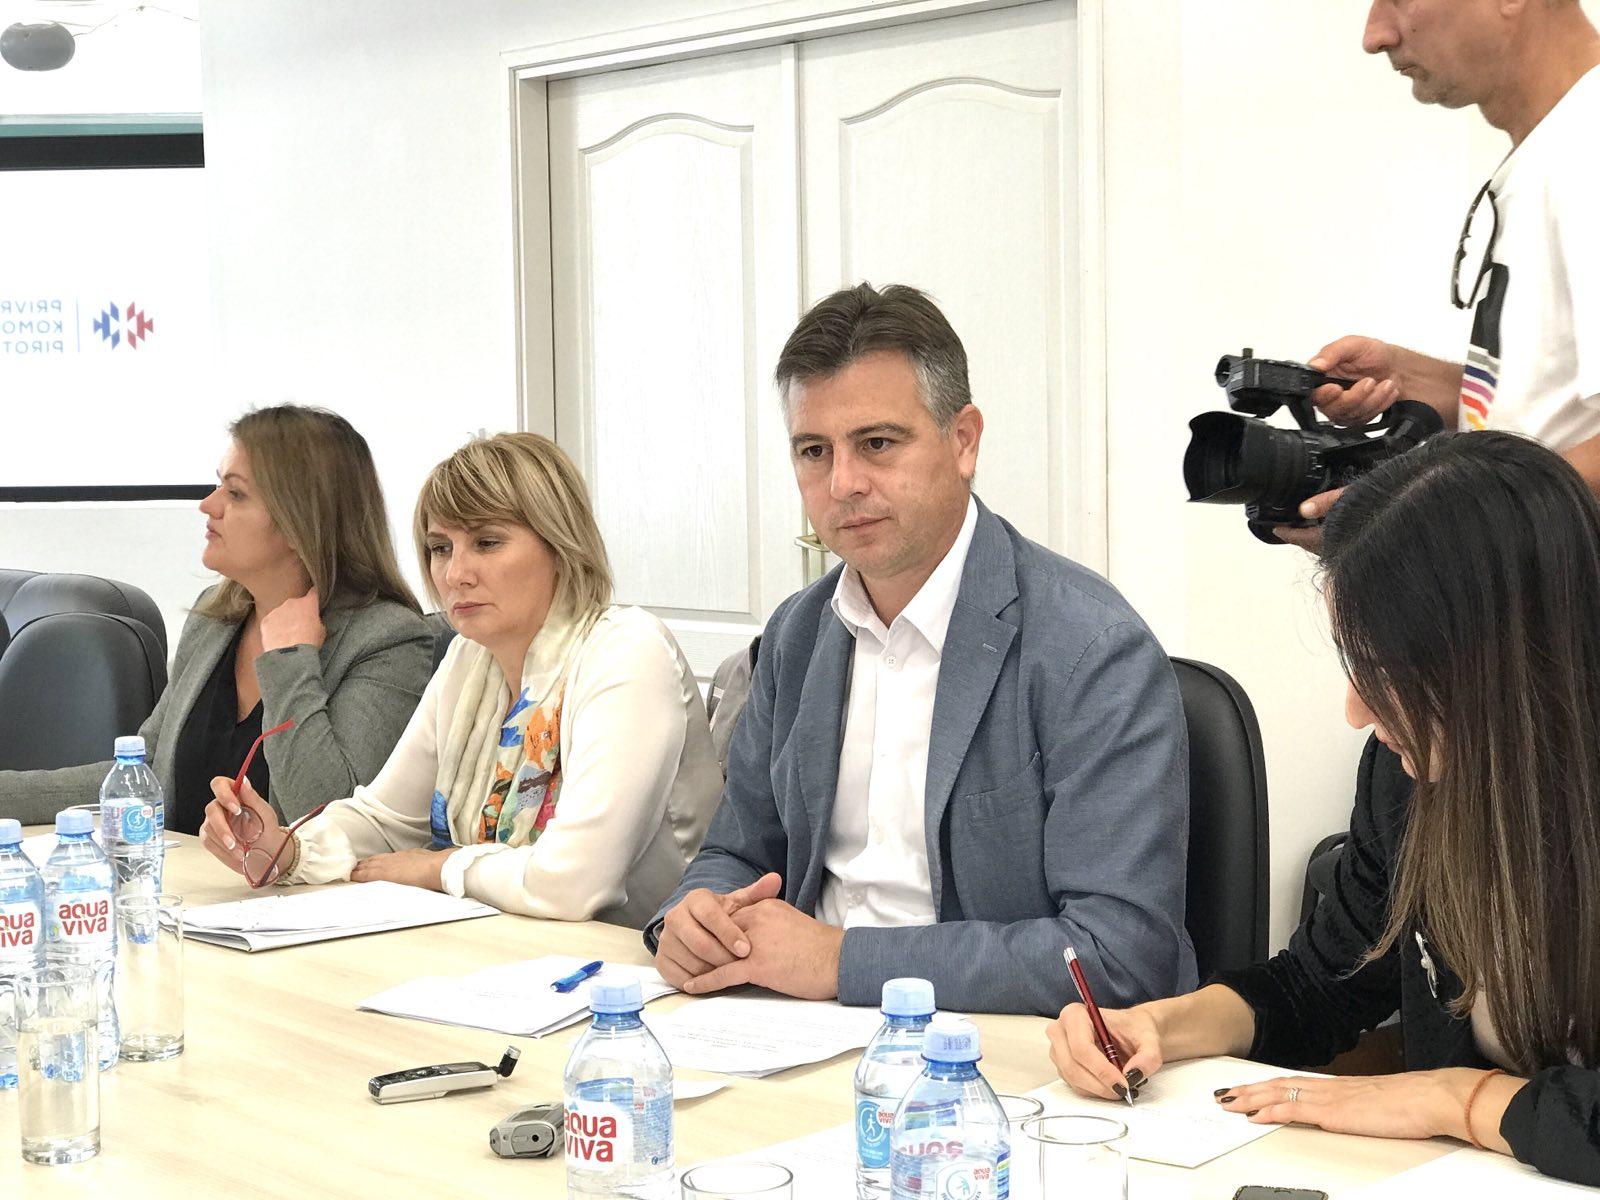 Photo of Socijalno-ekonomski savet u Pirotu: Traži se sastanak u Ministarstvu privrede povodom privatizacije Tigra AD